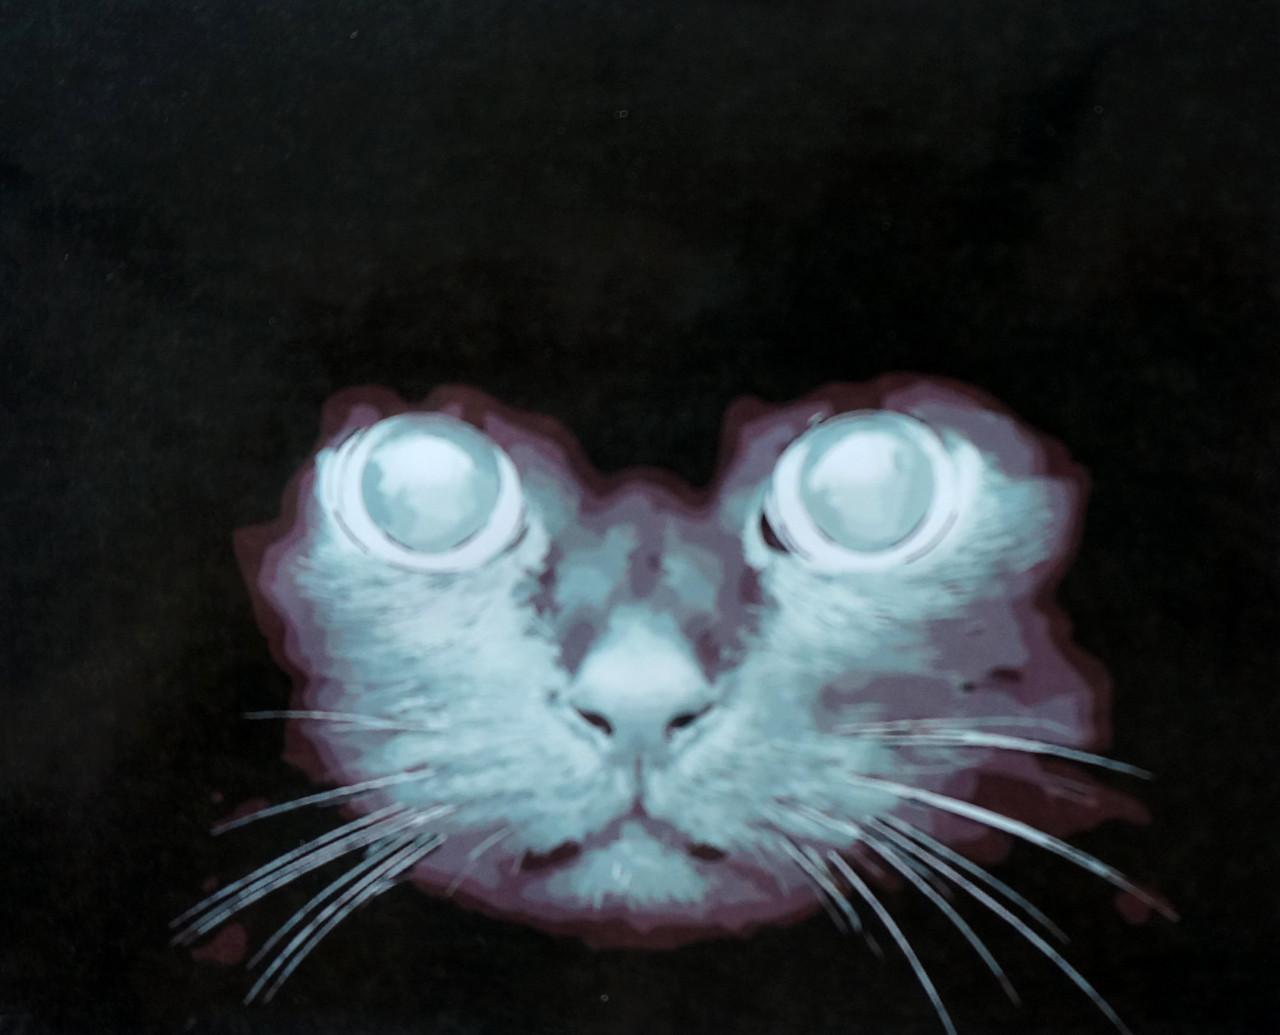 Картина по номерам Взгляд кошки, 40x50 см., Mariposa